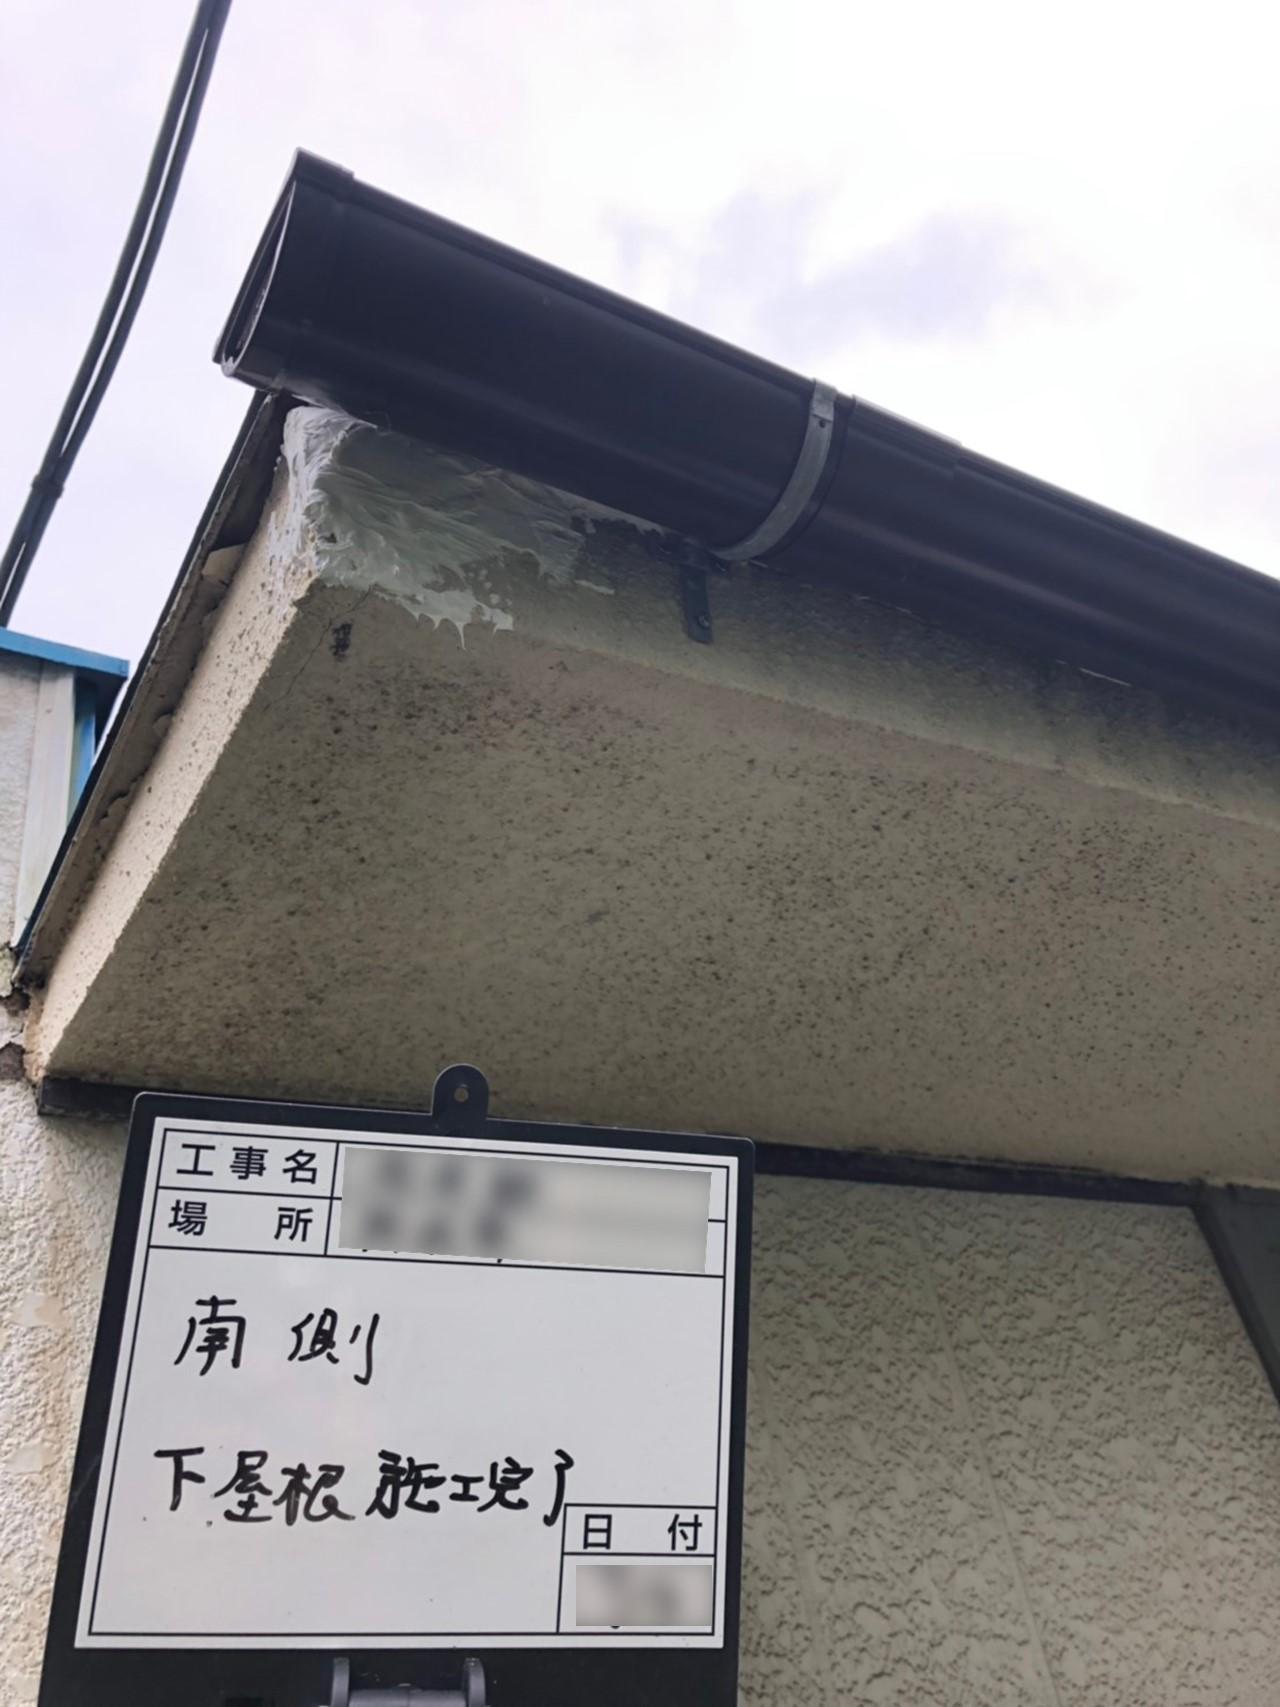 【施工完了報告!】埼玉県所沢市で屋根工事を行いました!